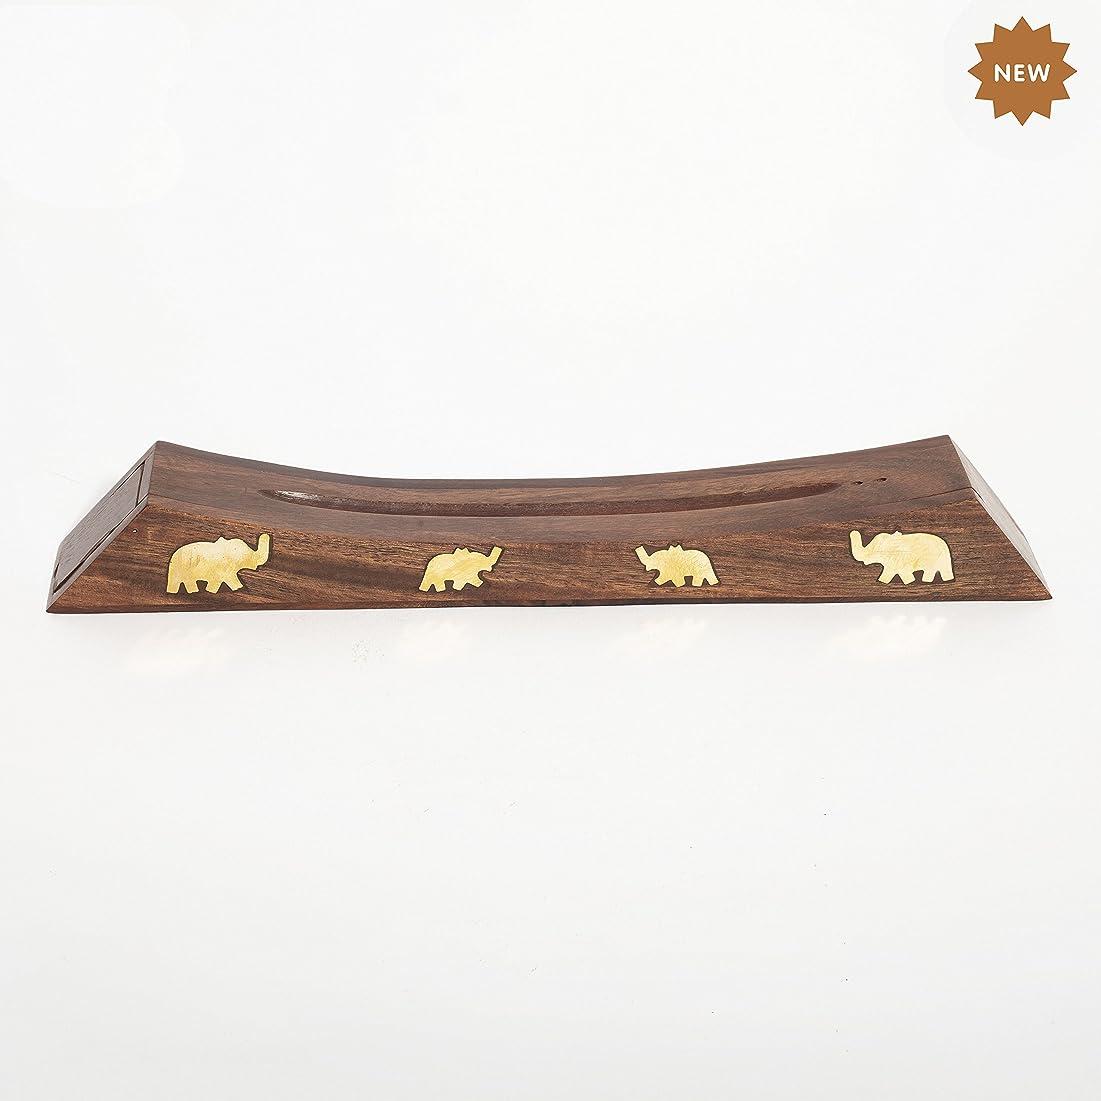 継続中法律行為Rusticity 木製お香スタンド お香スティック 収納スロット付き 象の真鍮インレー ハンドメイド 12.4x1.6インチ